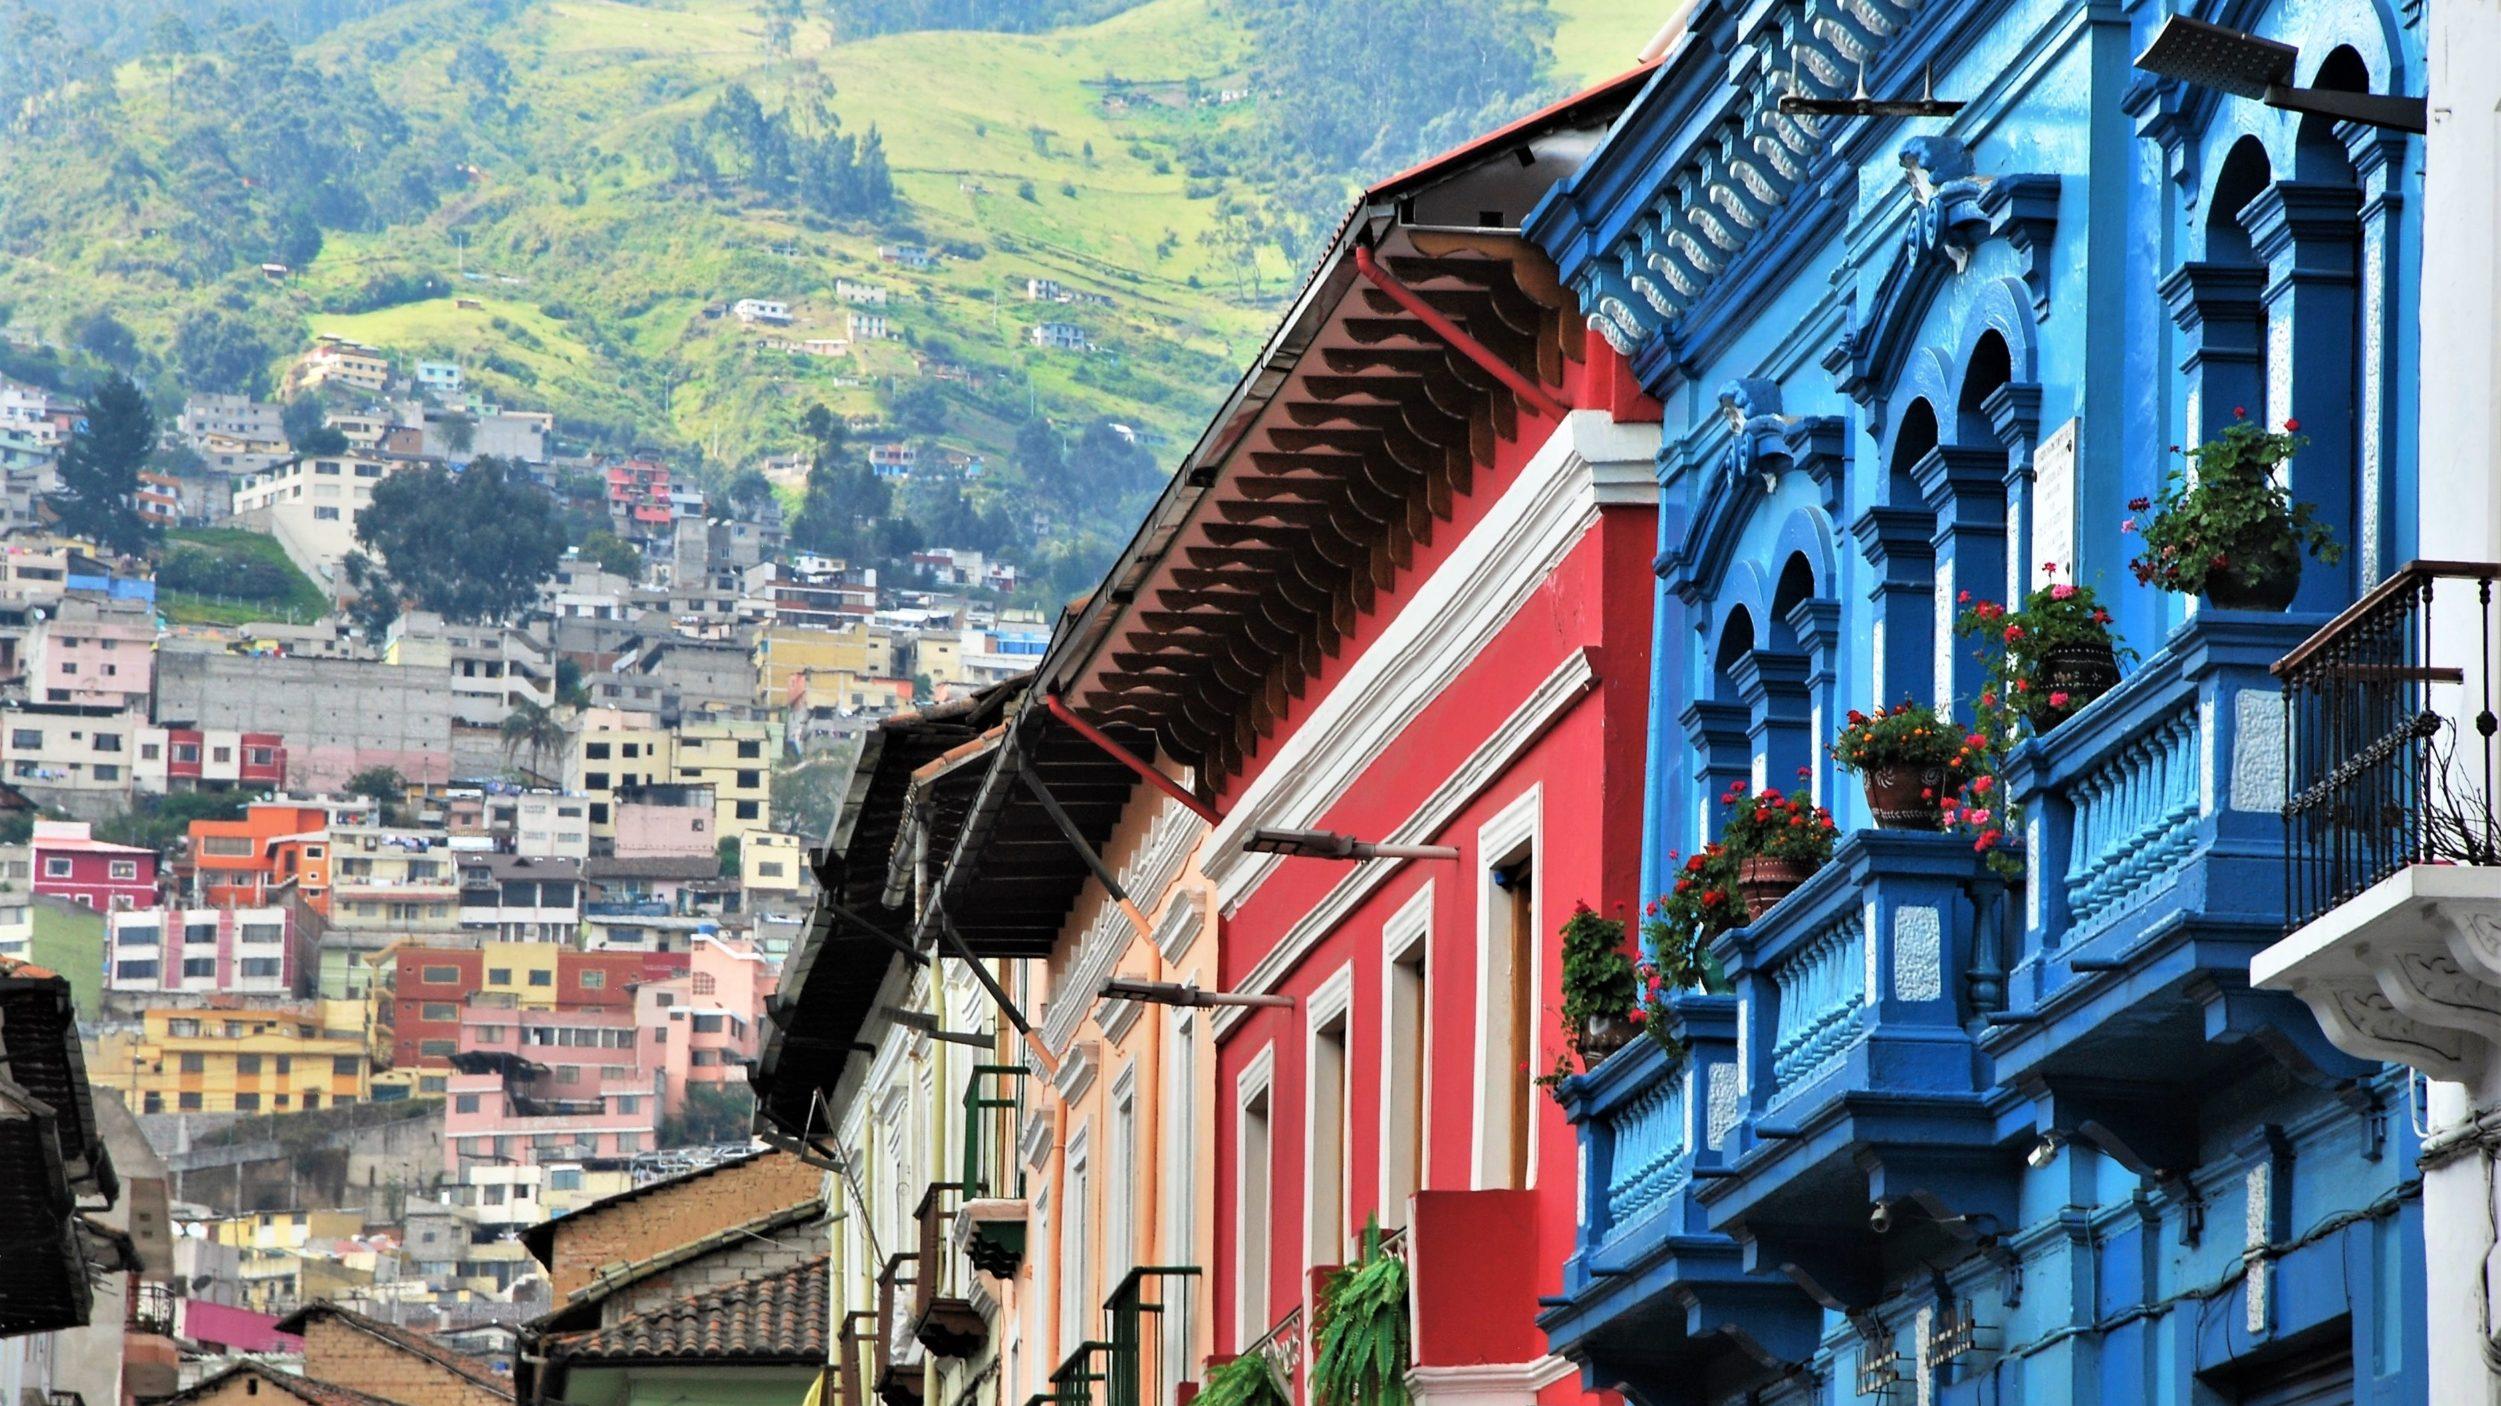 Ecuador [Shutterstock]